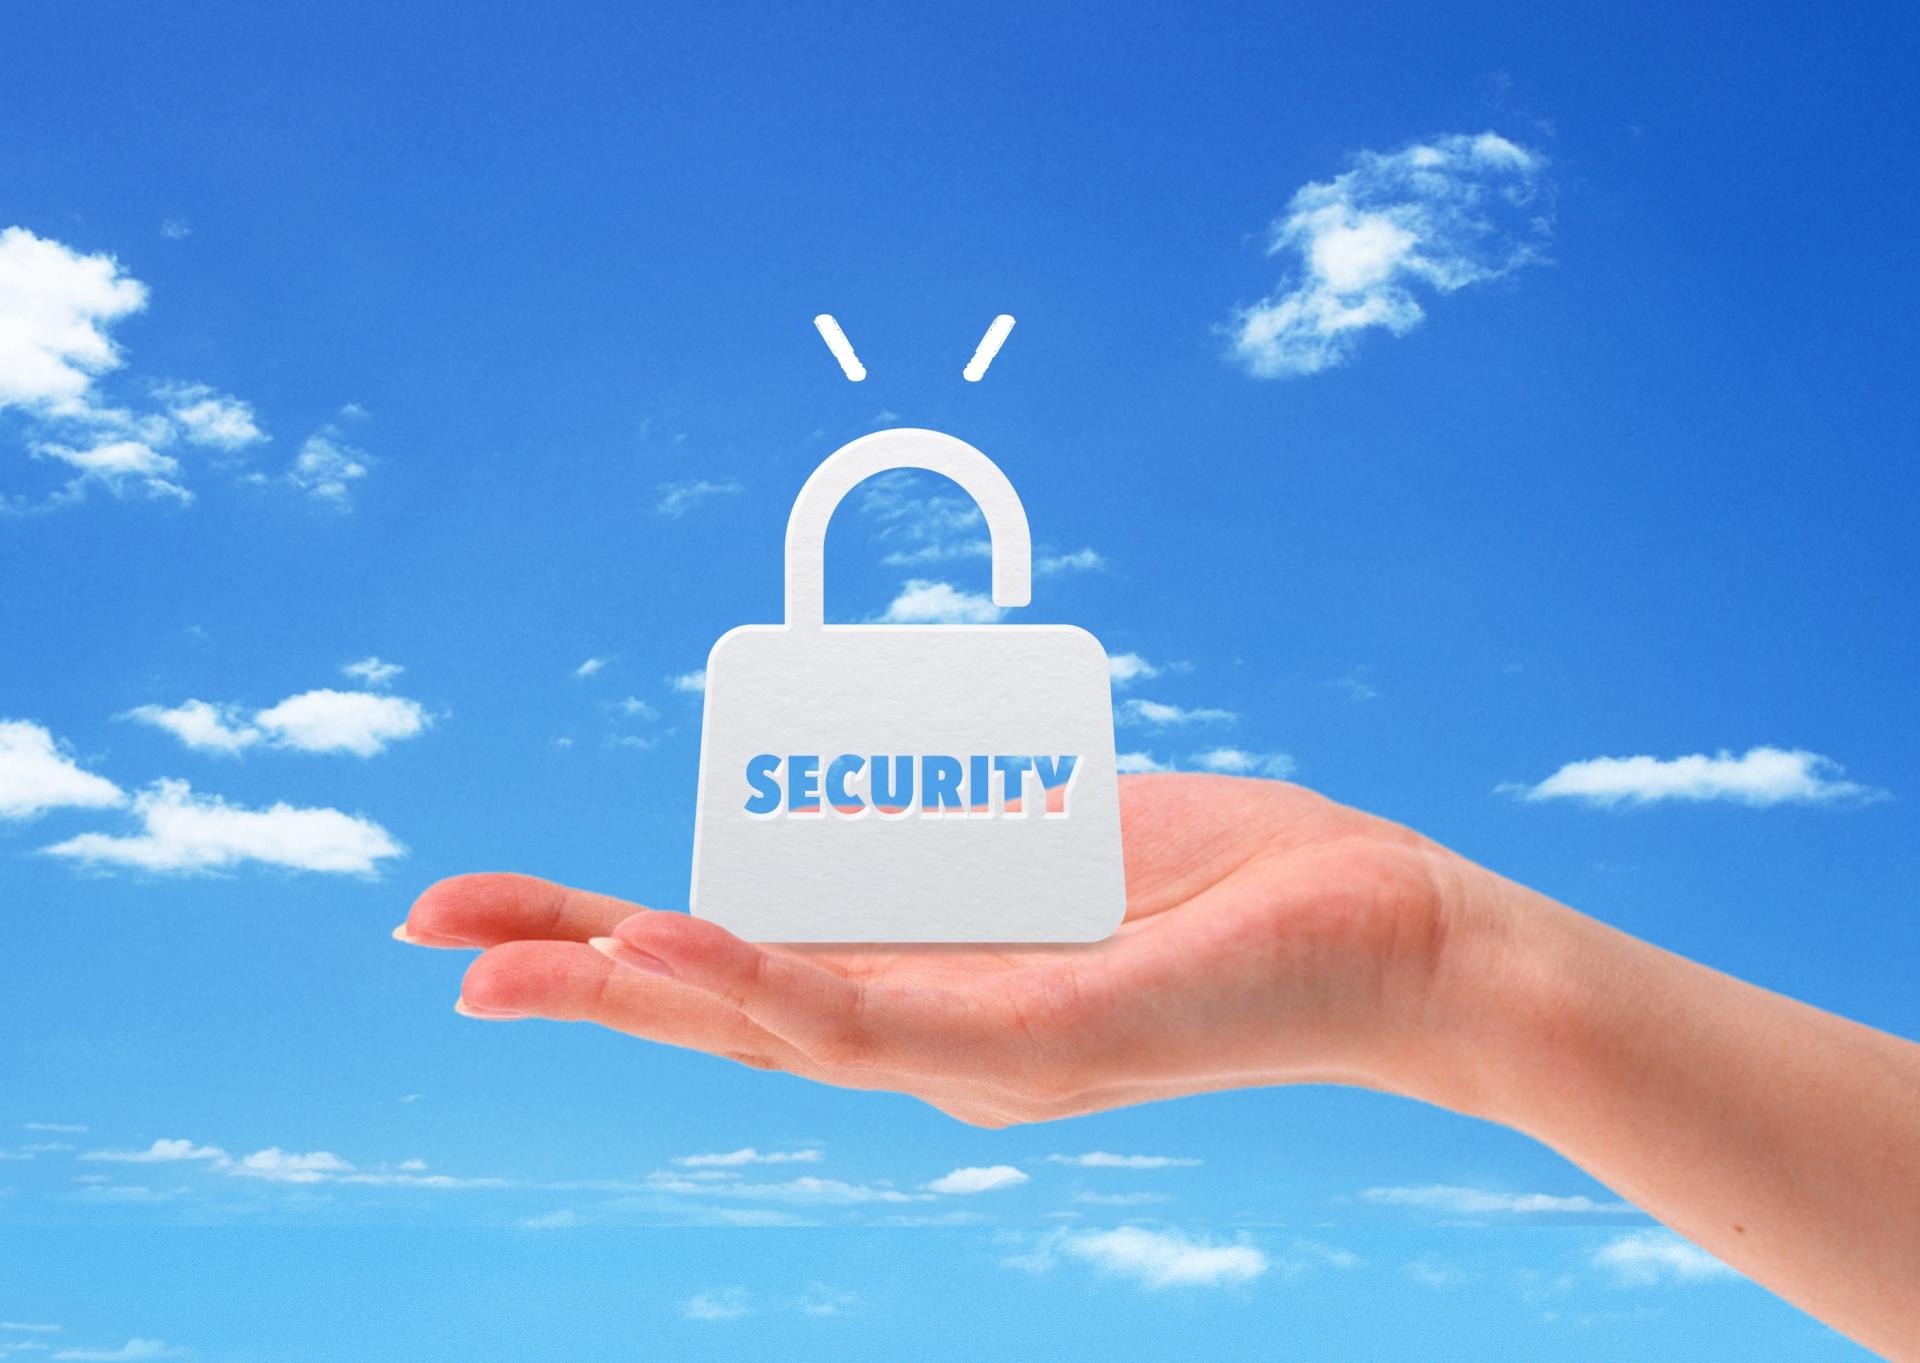 【2月第4週】「情報セキュリティ10大脅威」と2月のセキュリティ被害